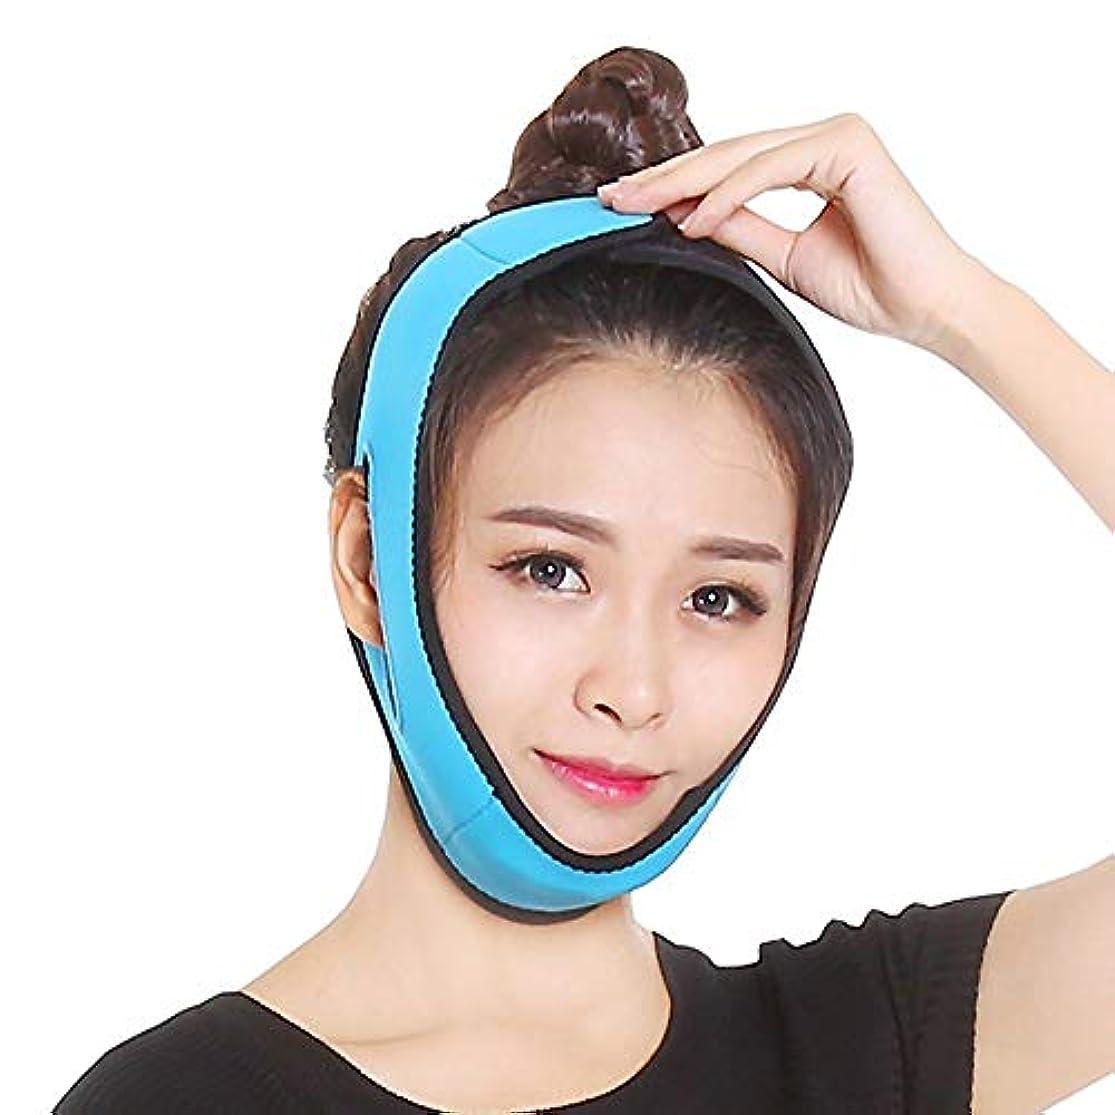 電圧調整する国際BS フェイシャルリフティングスリミングベルト - 薄いフェイス包帯二重あごデバイス無料フェイシャルマッサージ整形マスクを引き締める顔と首の顔スリム フェイスリフティングアーティファクト